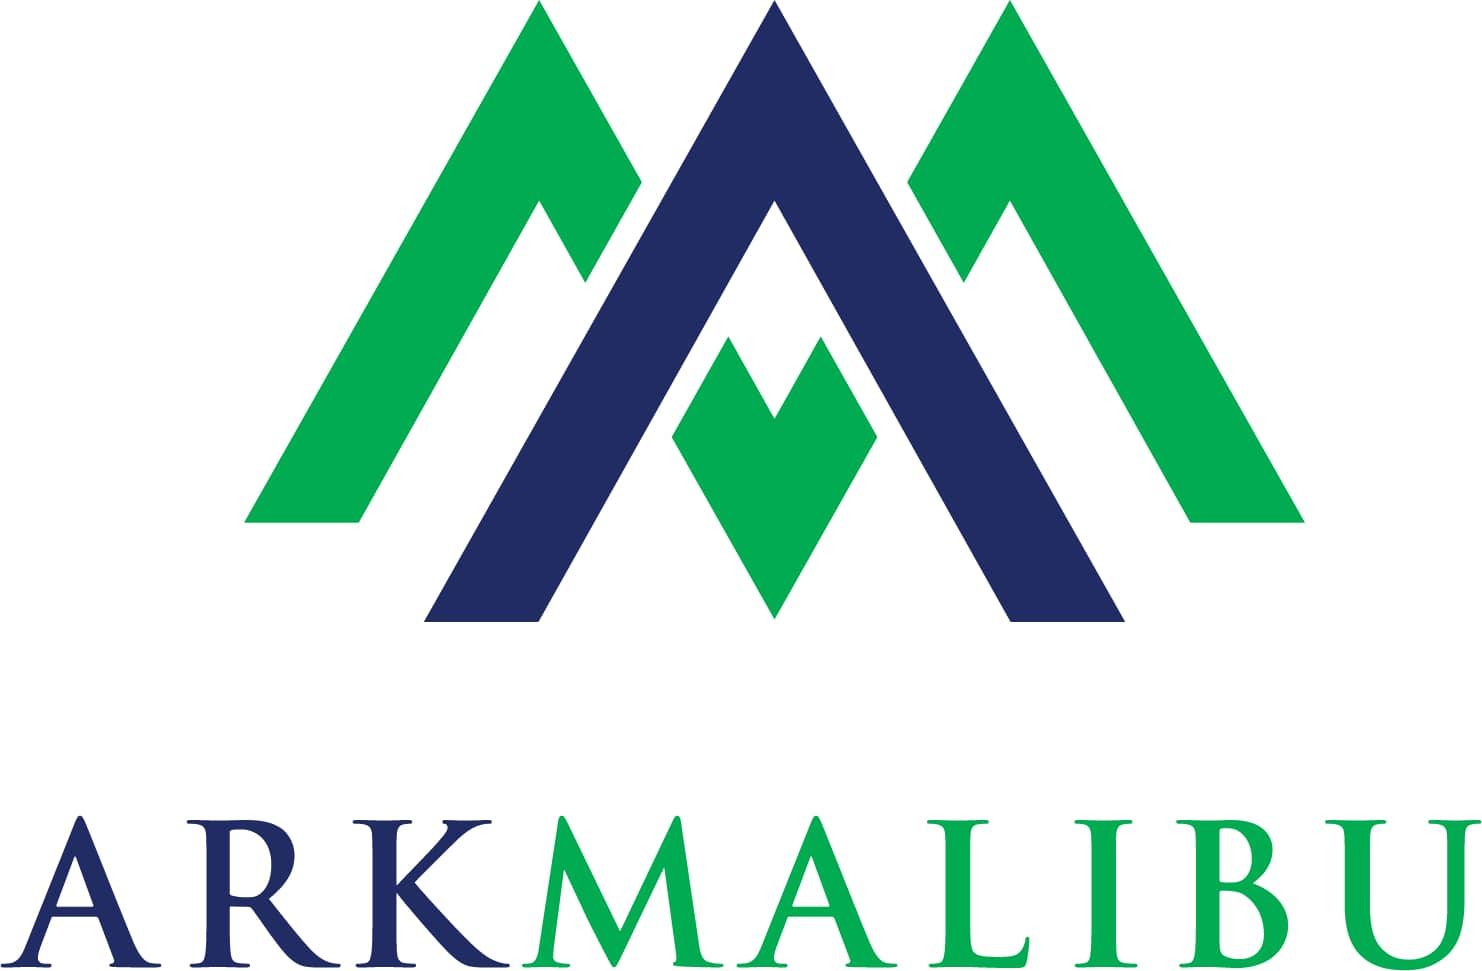 ArkMalibu